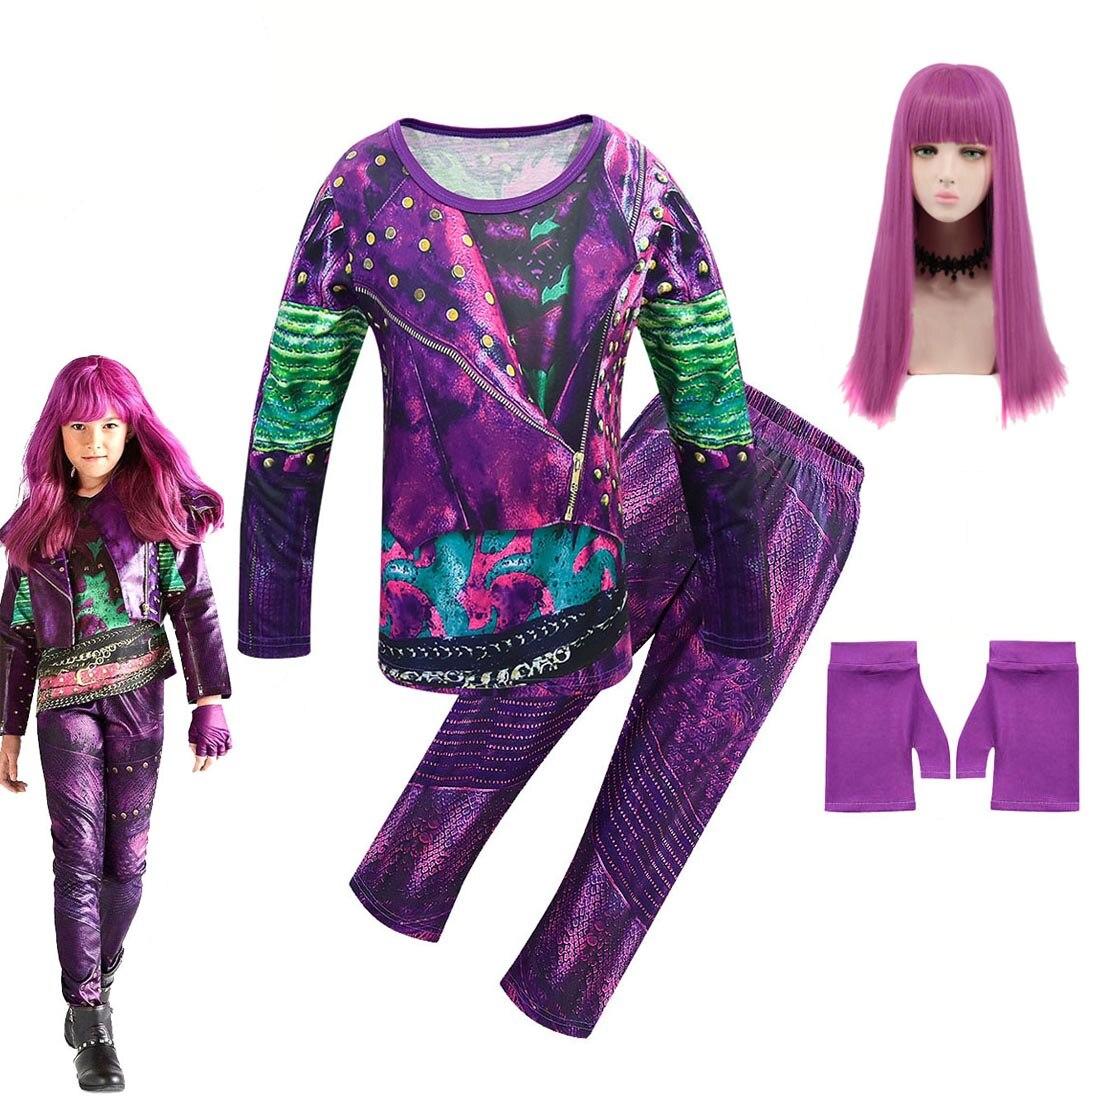 Изображением героев фильма «наследники» 3; Одежда для девочек; Детский костюм на хеллоуин для девочек; Эви Mal Одри косплей для детей Топы с дл...